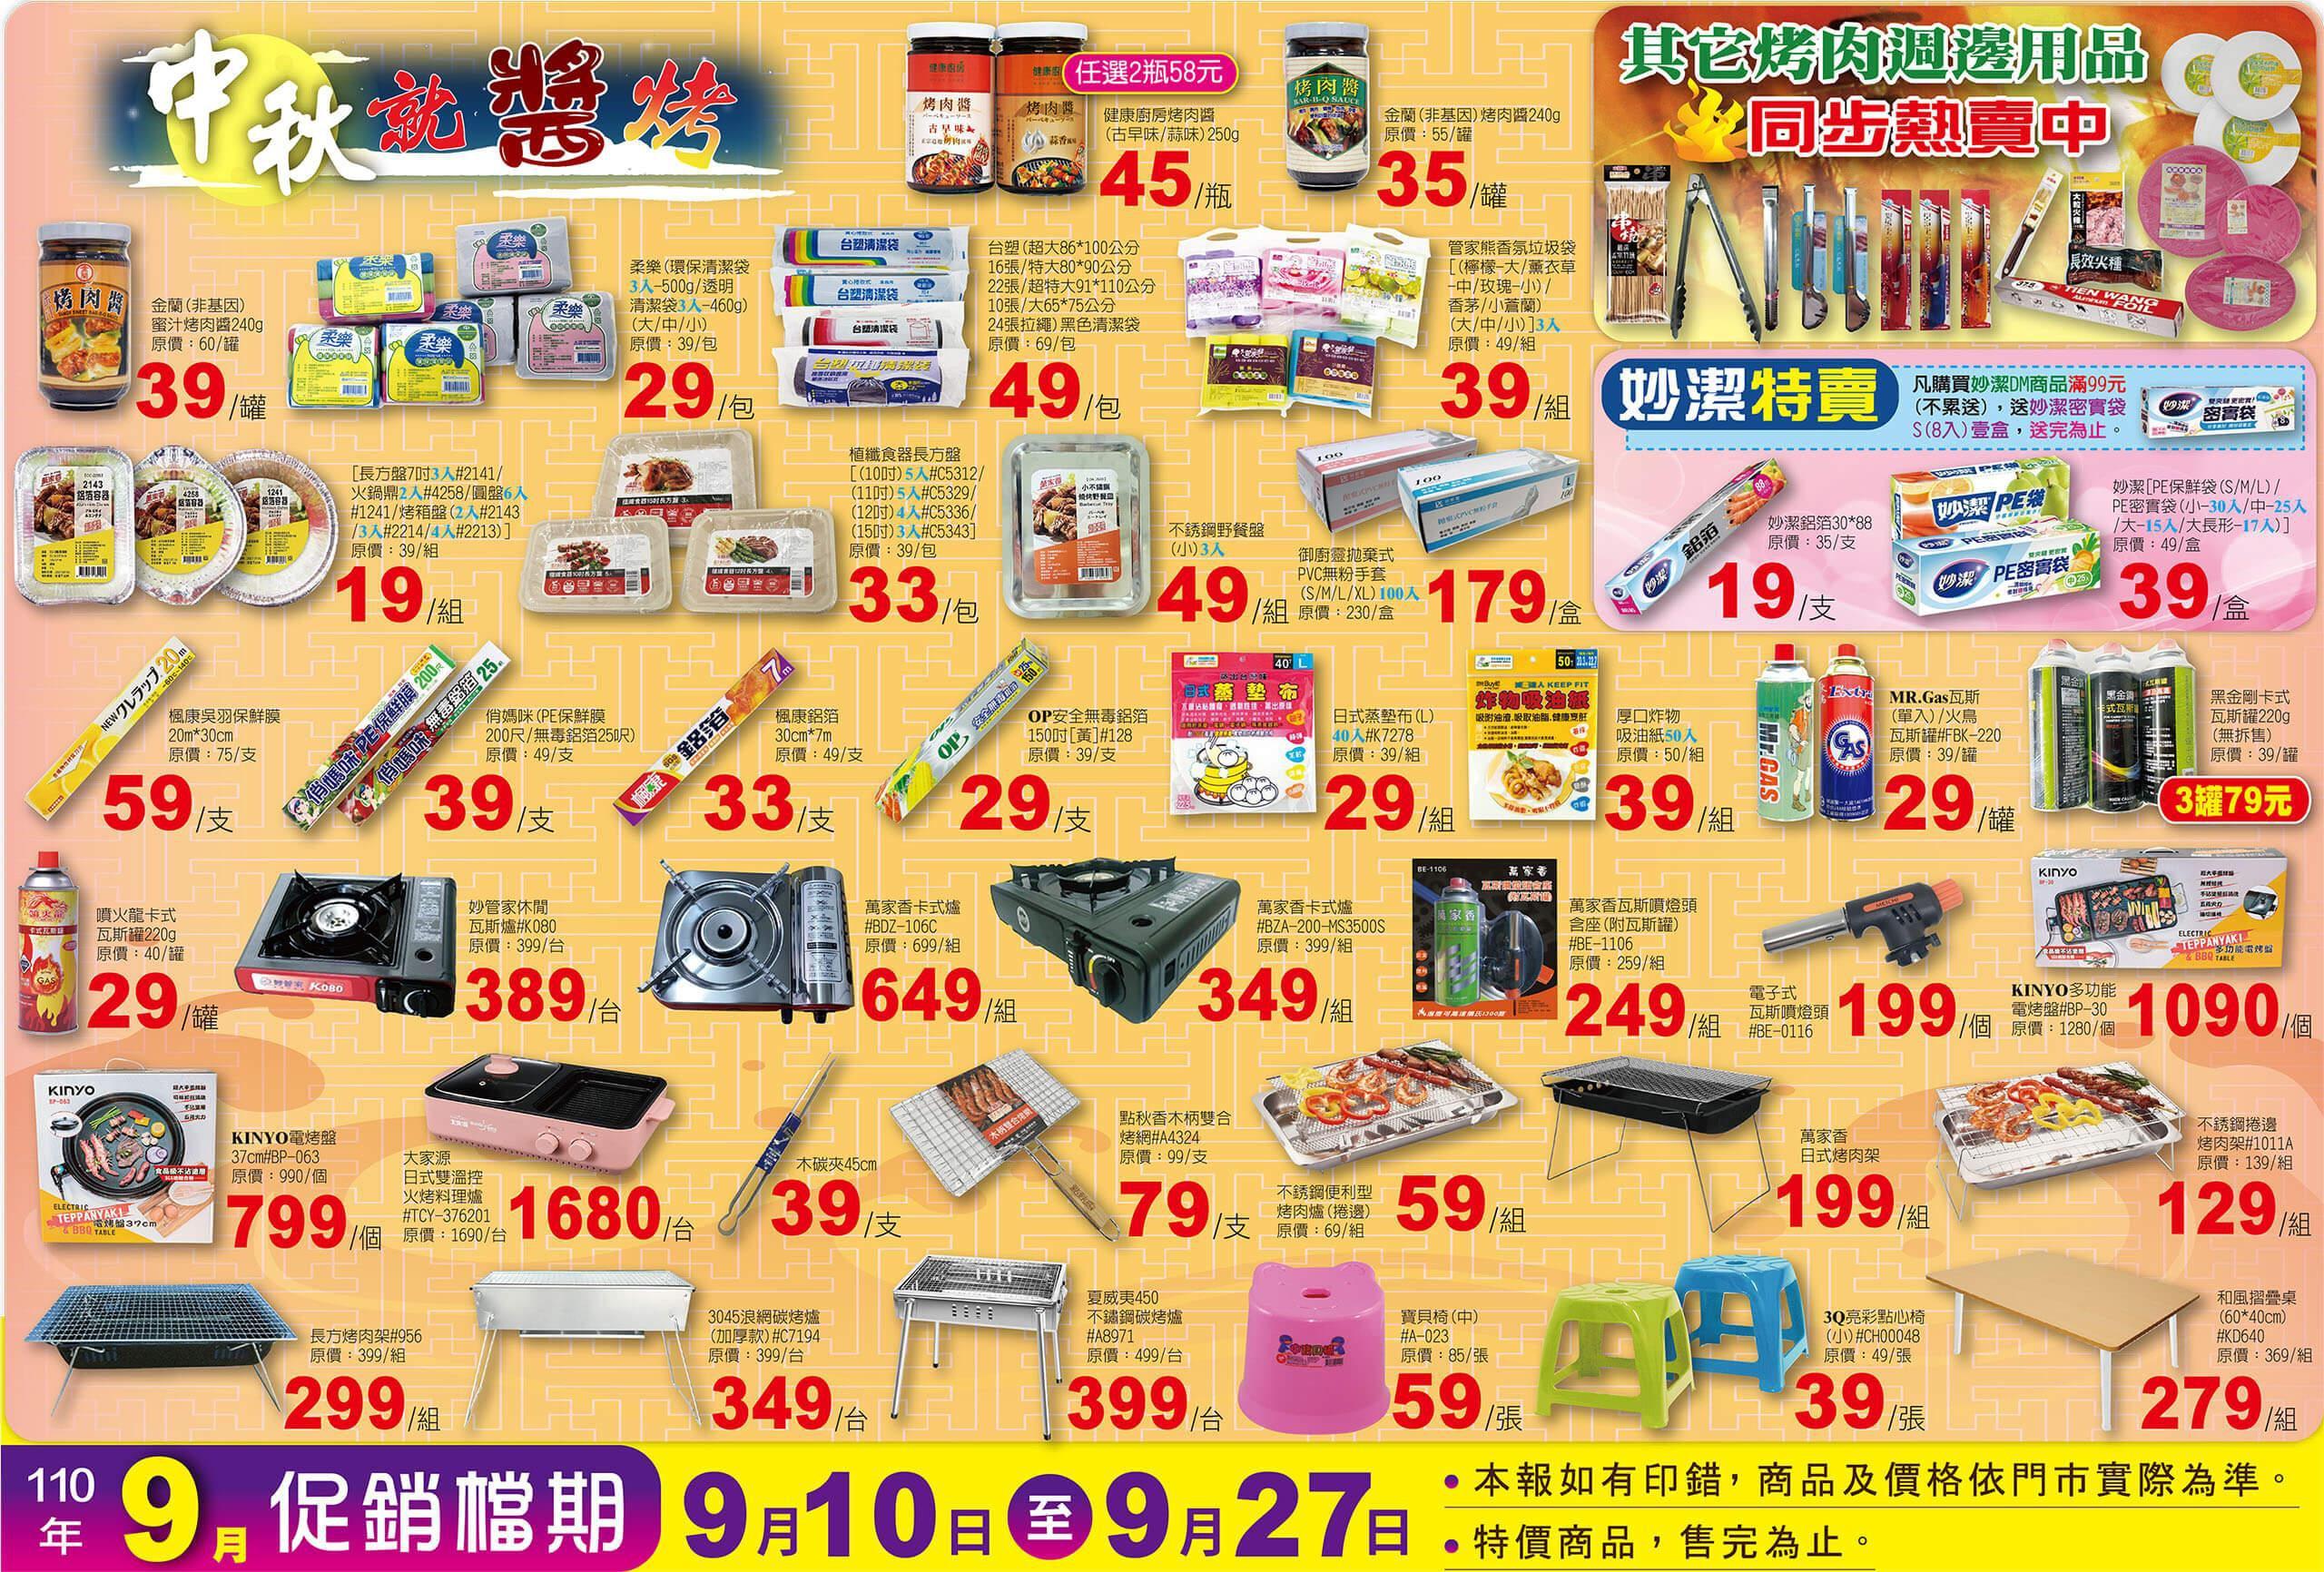 小北百貨 DM 💡【2021/9/27 止】💡促銷目錄、優惠內容